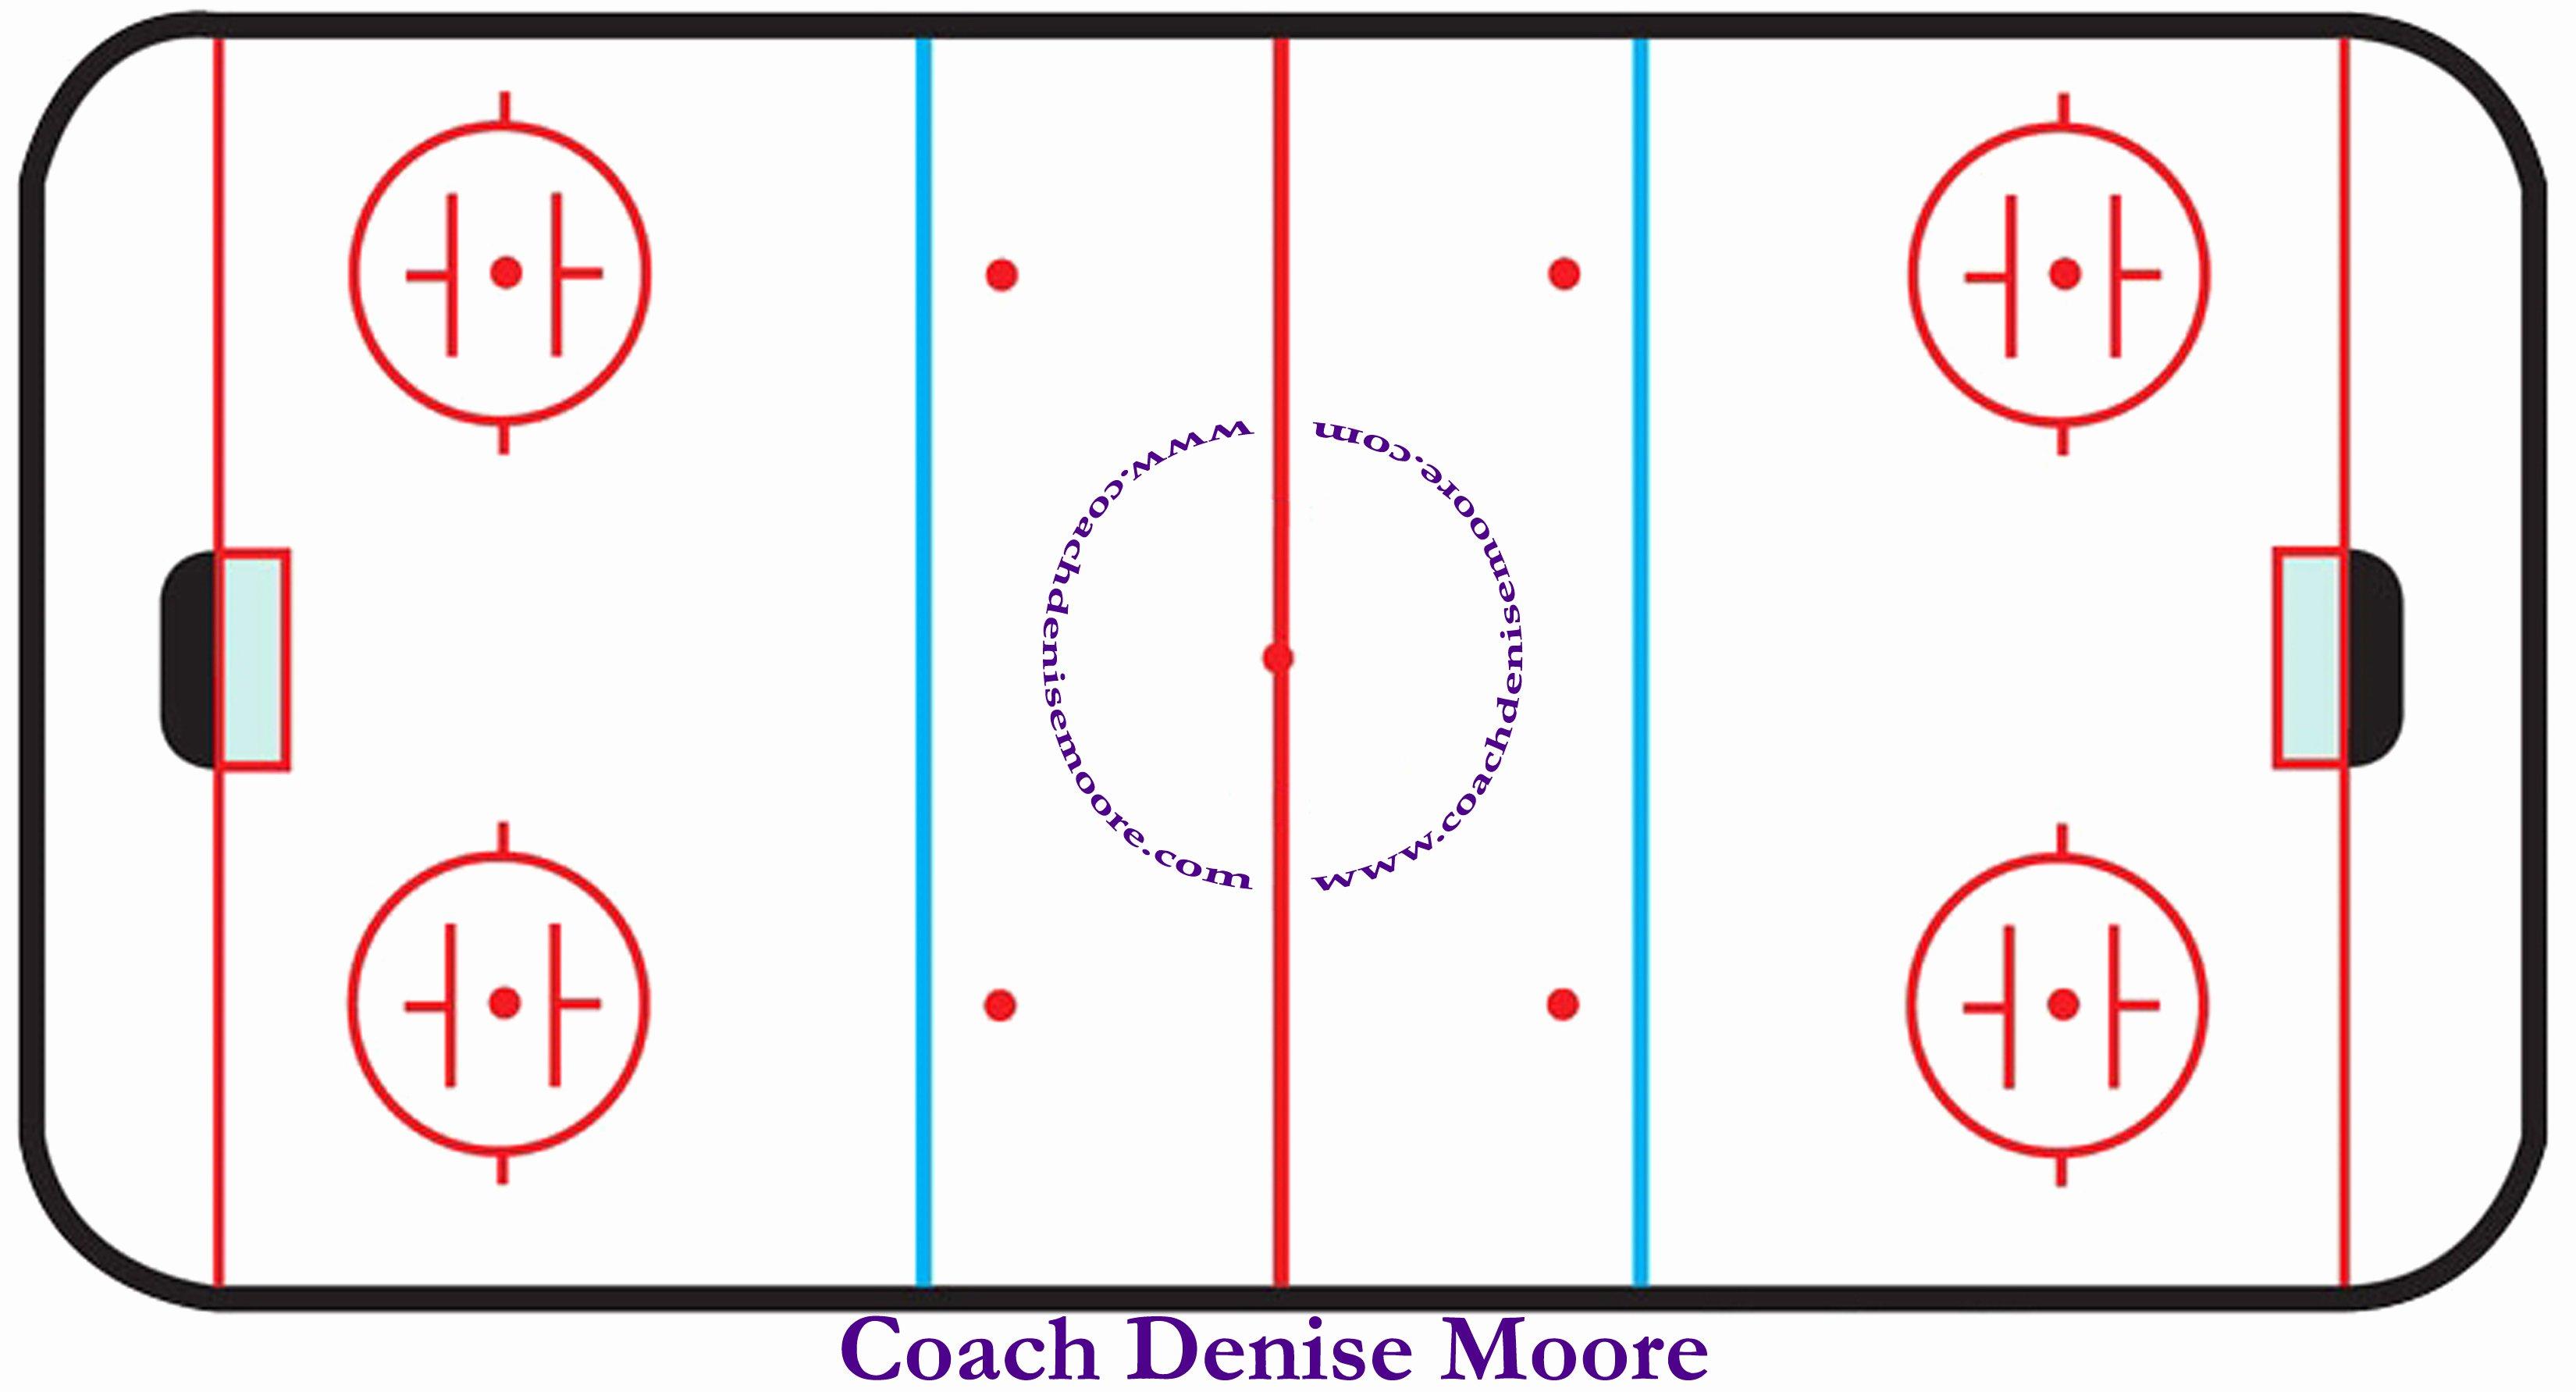 Hockey Practice Plan Template Luxury Hockey Rink Drawing at Getdrawings